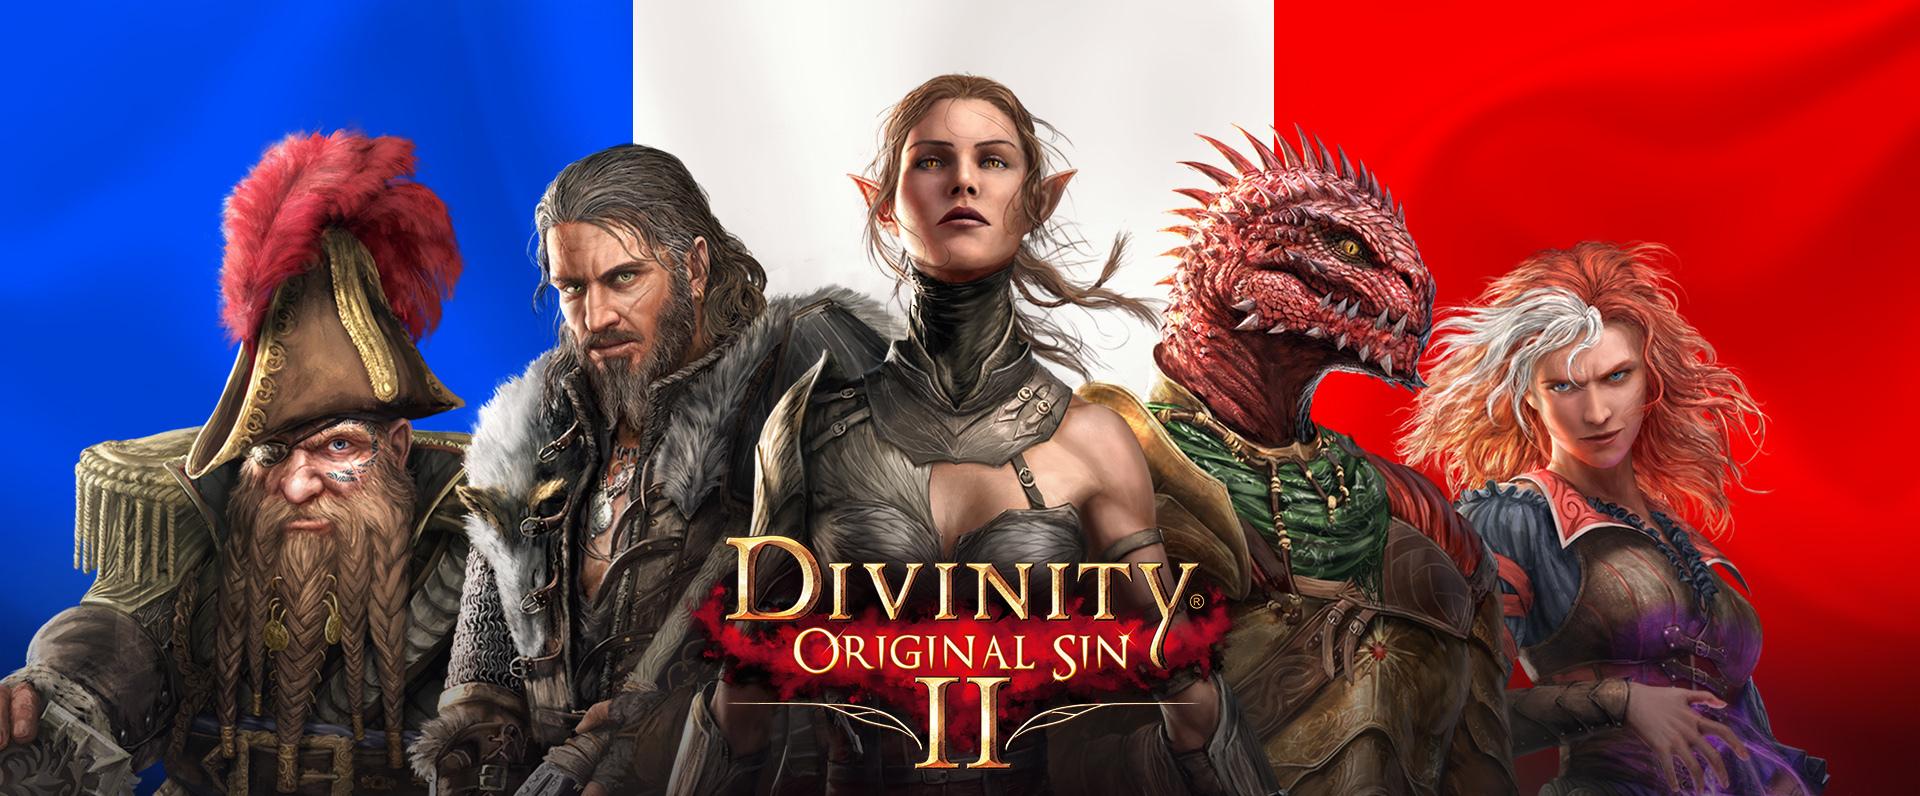 Sep 15, 2017 Divinity: Original Sin 2 beginner's guide Divinity: Original